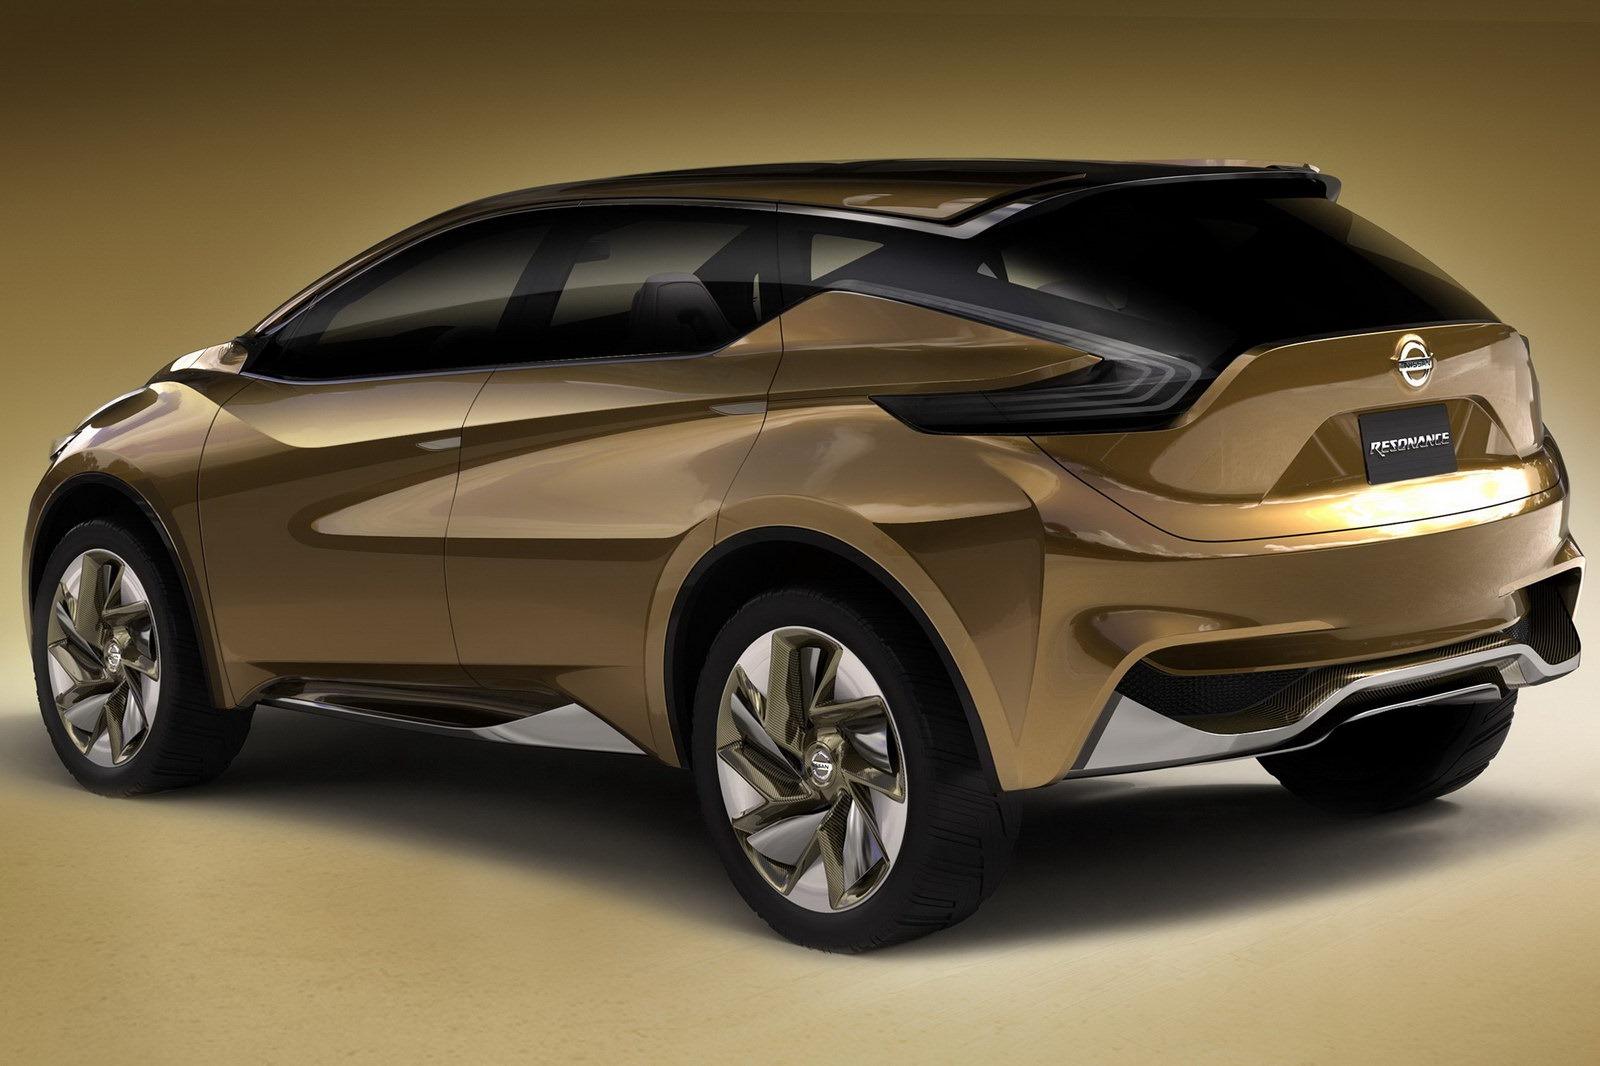 New 2015 Nissan Murano SUV